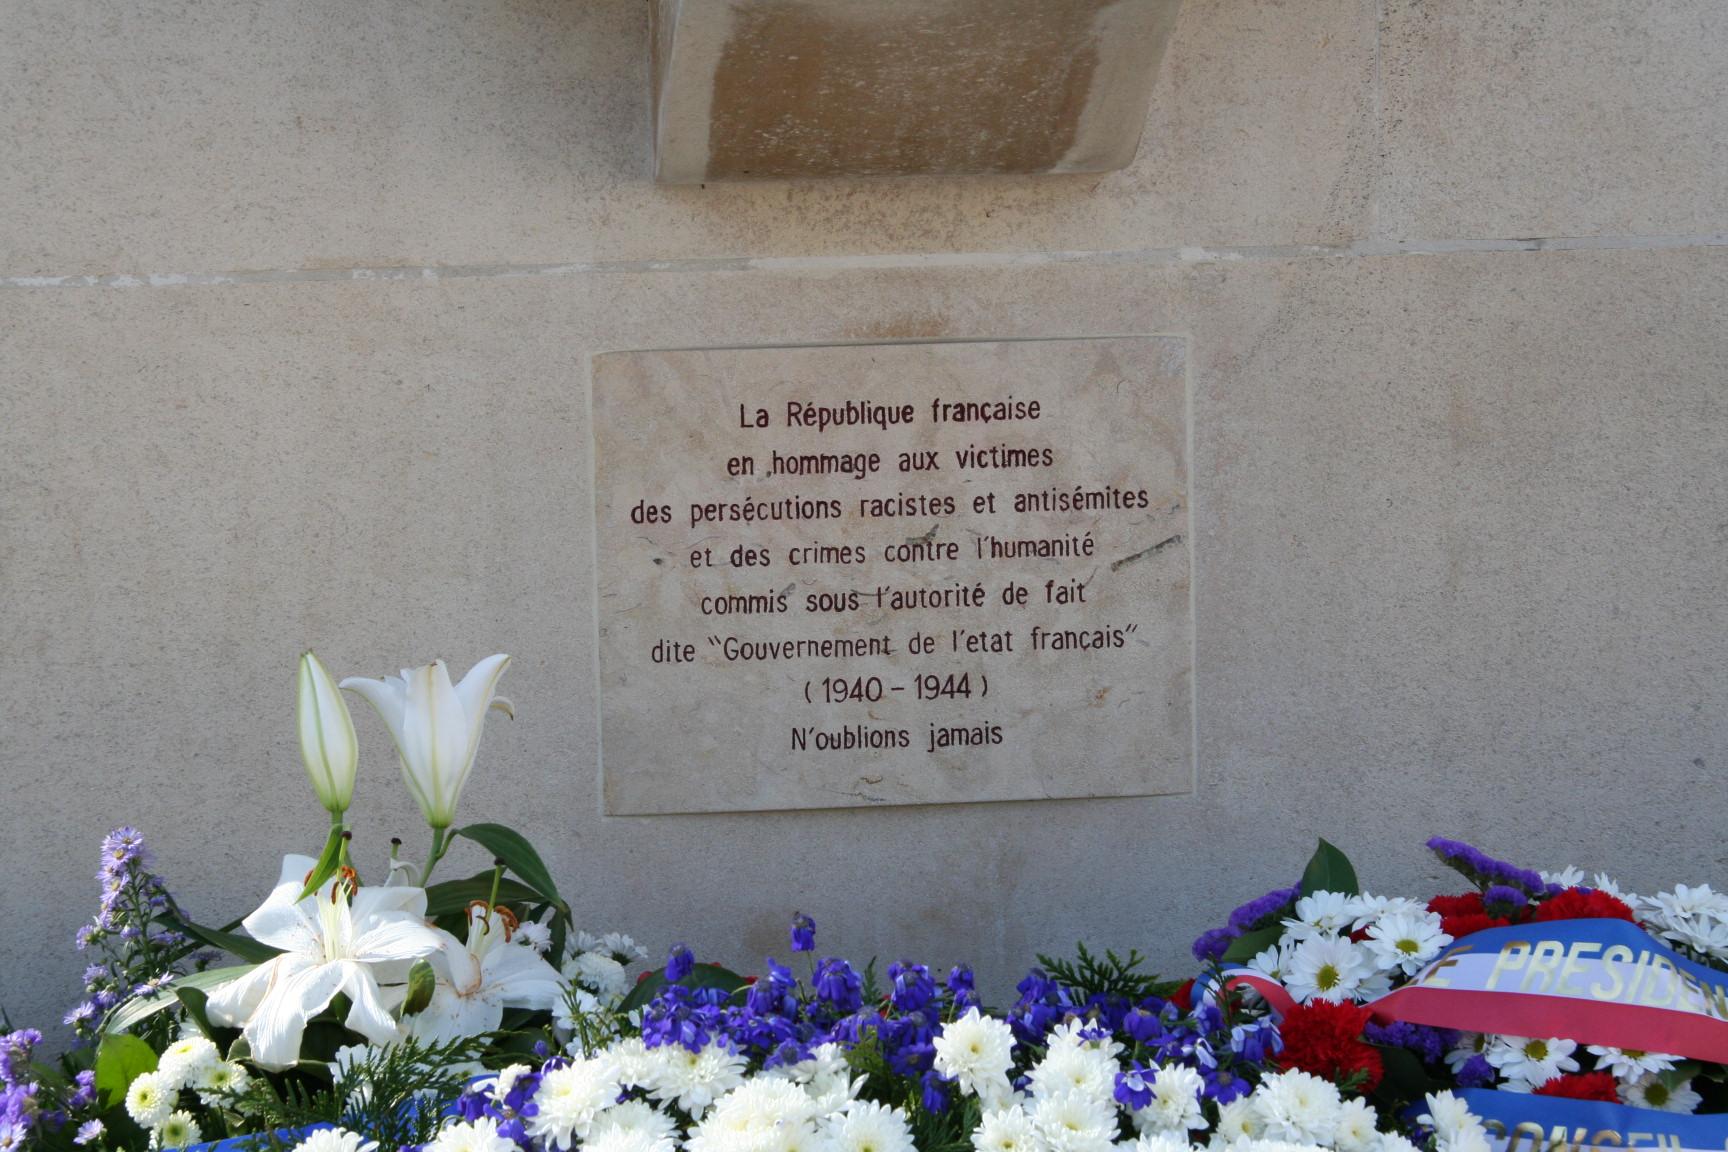 Le Mans en 2010 - Monument commémoratif - Place Aristide Briand - La Sarthe reconnaissante aux martyrs - Vue 02 (Sylvie Leveau)